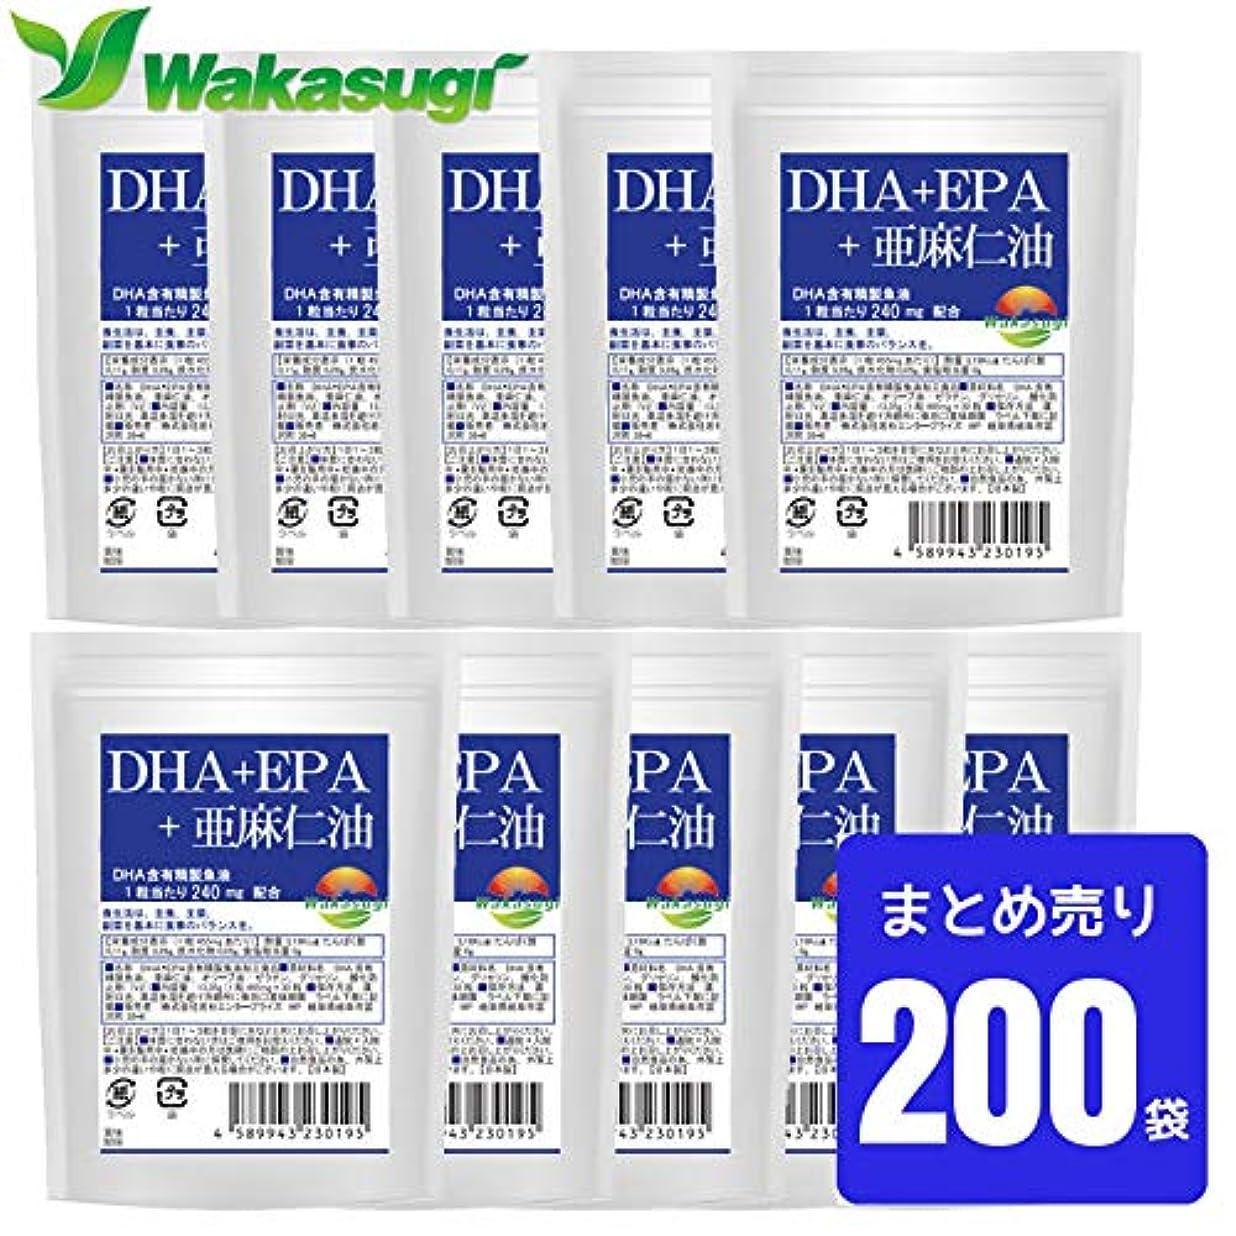 テクトニック蒸暗殺DHA+EPA+亜麻仁油 ソフトカプセル30粒 200袋 合計6,000粒 まとめ売り